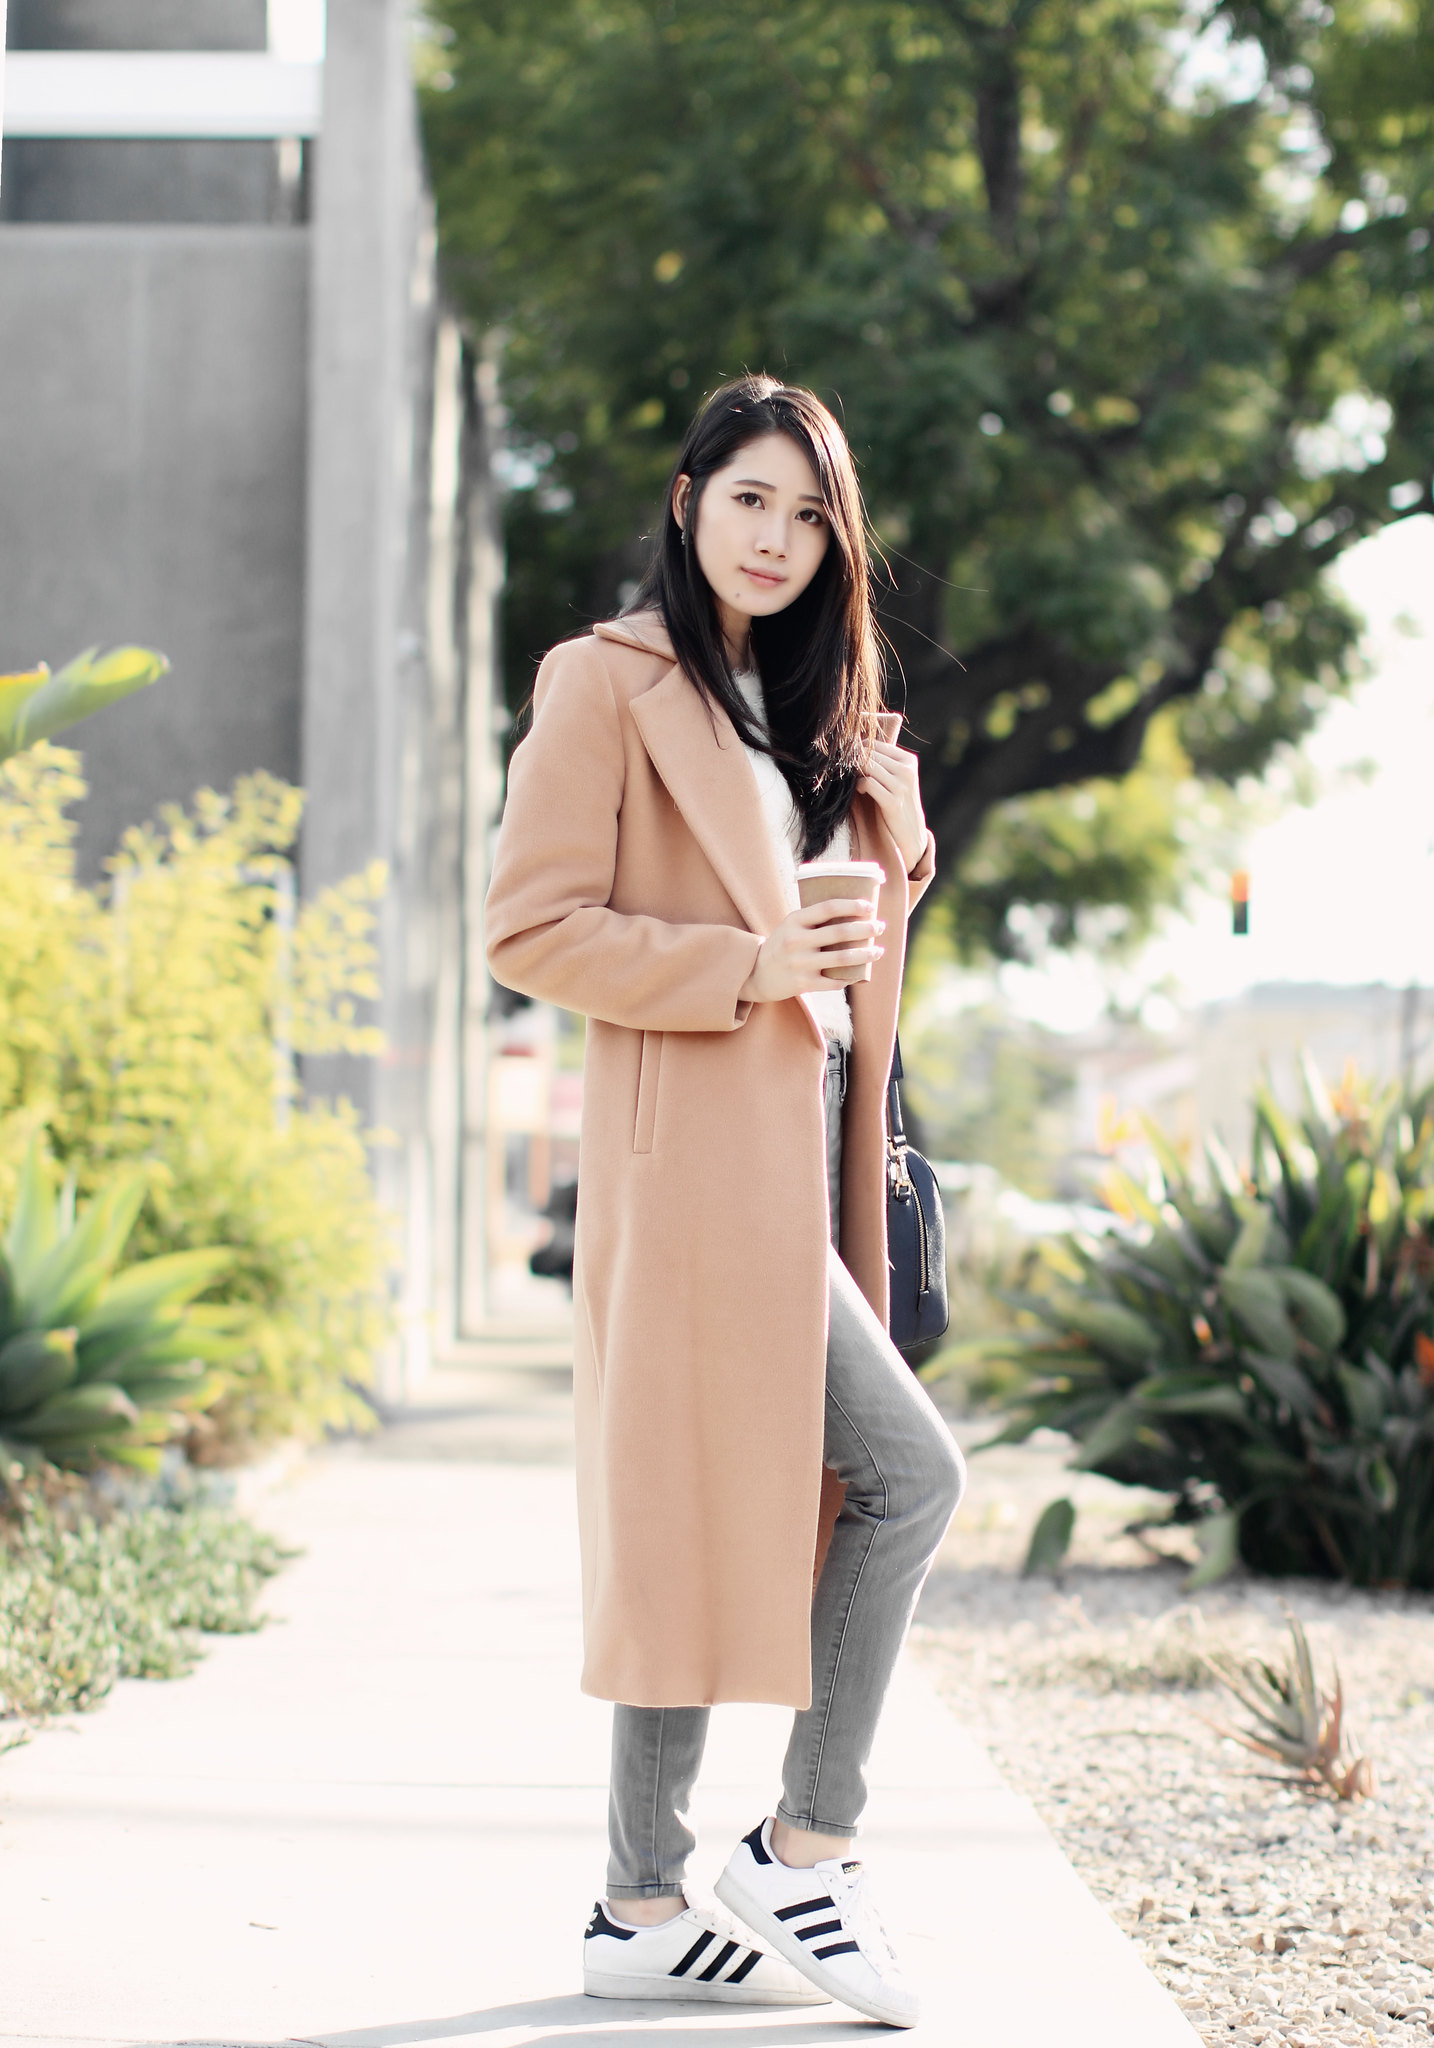 3907-ootd-fashion-style-outfitoftheday-wiwt-streetstyle-zaful-camelcoat-adidas-forever21-f21xme-hollister-hcostylescene-elizabeeetht-clothestoyouuu